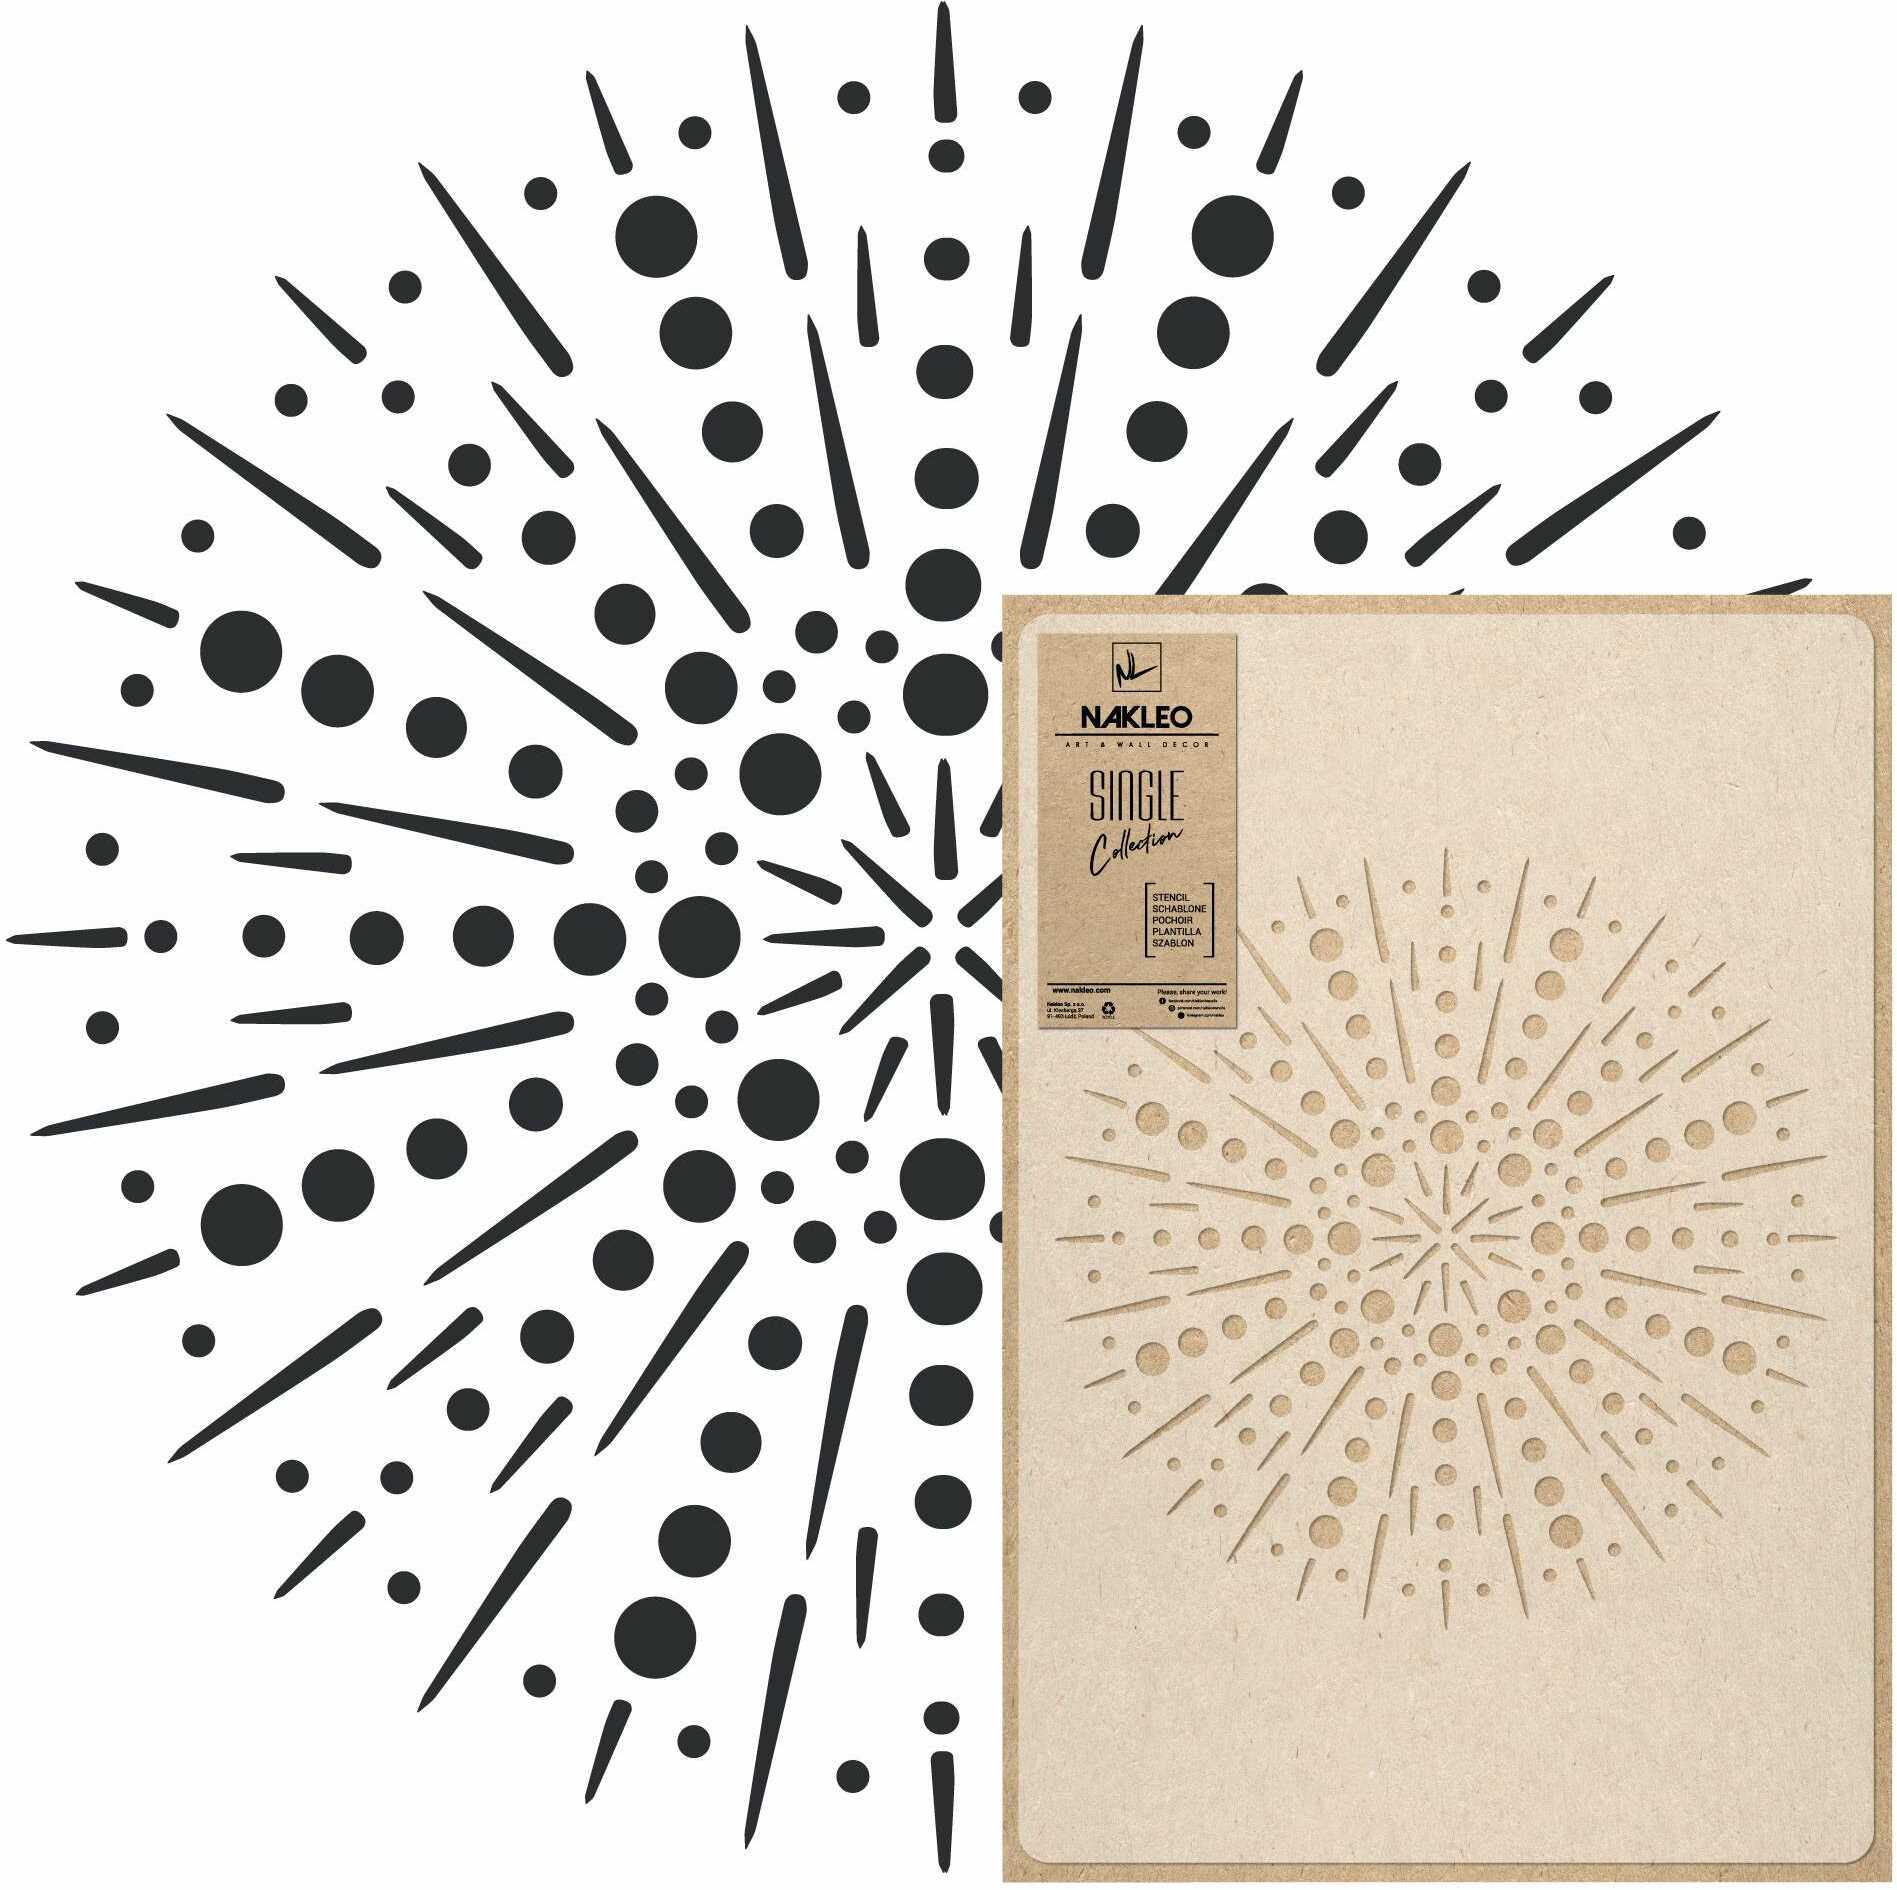 szablon malarski wielokrotny // FAJERWERKI [mandala] - LARGE (65x95cm)